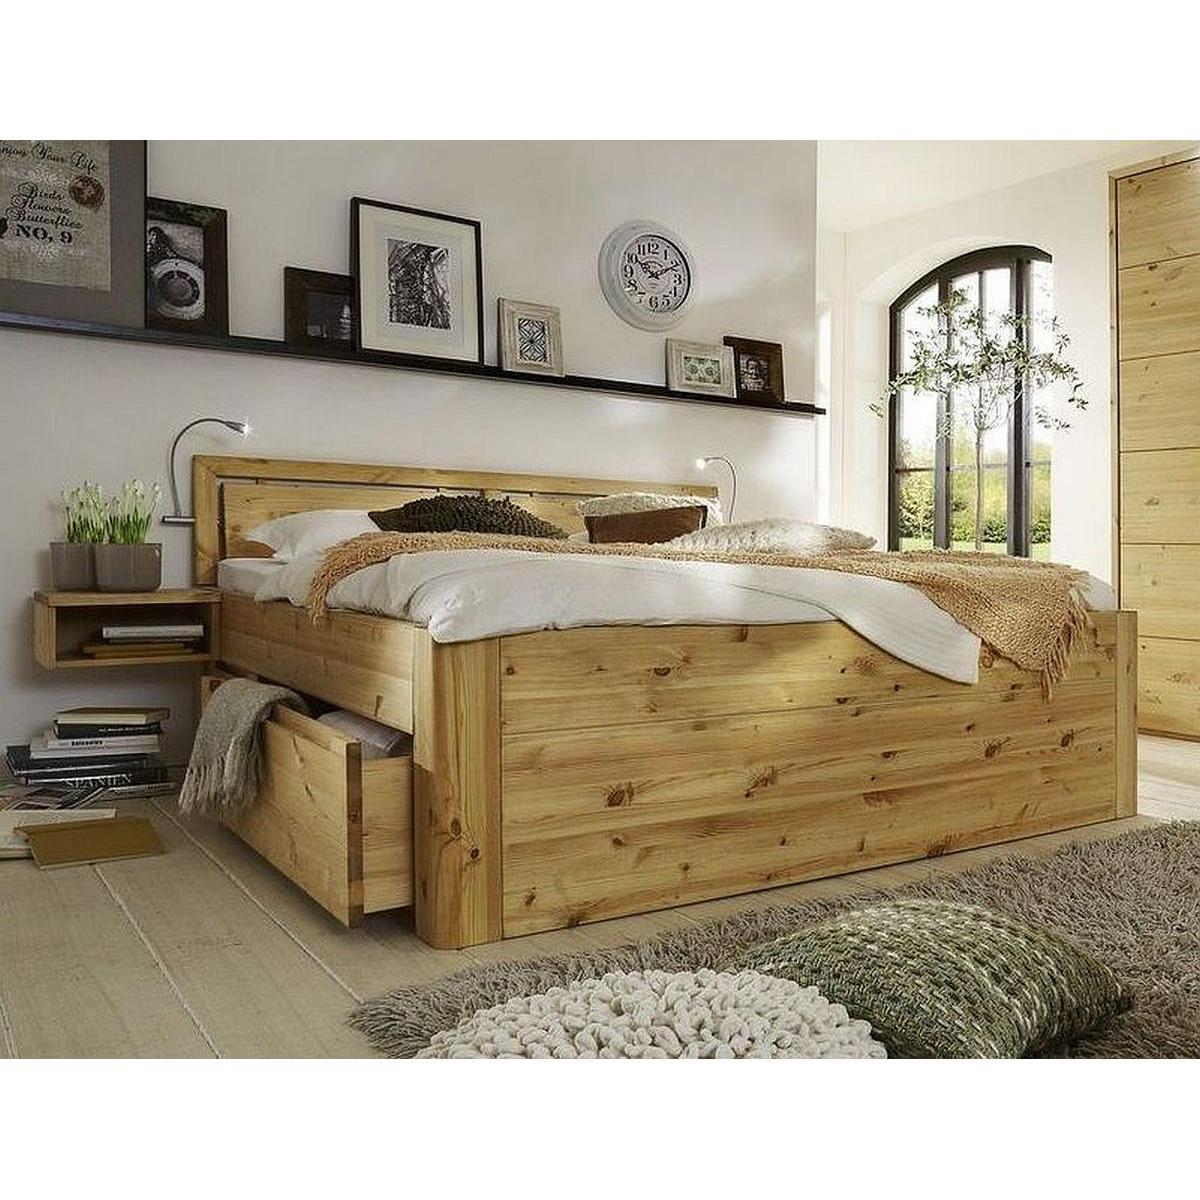 massivholz schlafzimmer 4 teilig gloria astkiefer massiv gelaugt ge lt. Black Bedroom Furniture Sets. Home Design Ideas